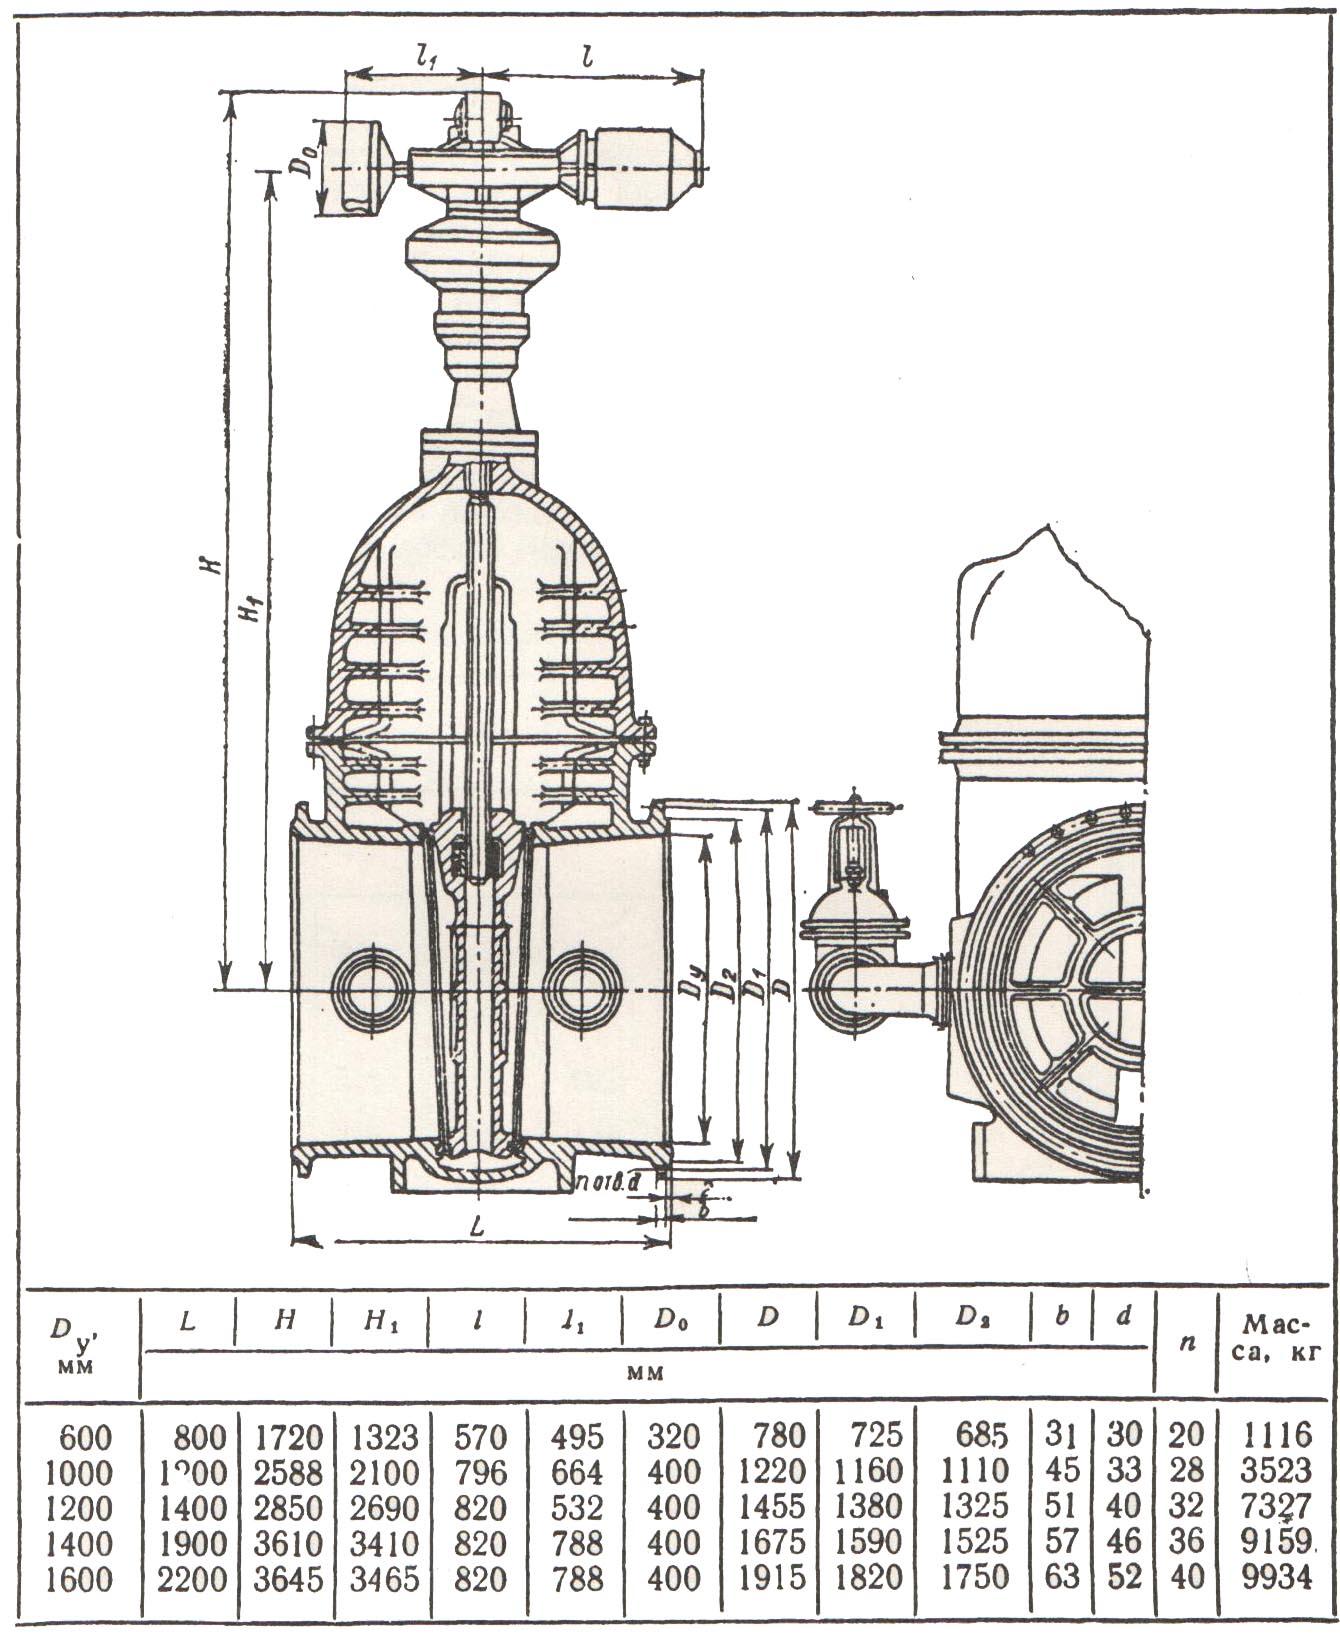 На рисунке 1 показаны основные размеры для чугунных задвижек типа 30ч906бр с электроприводом